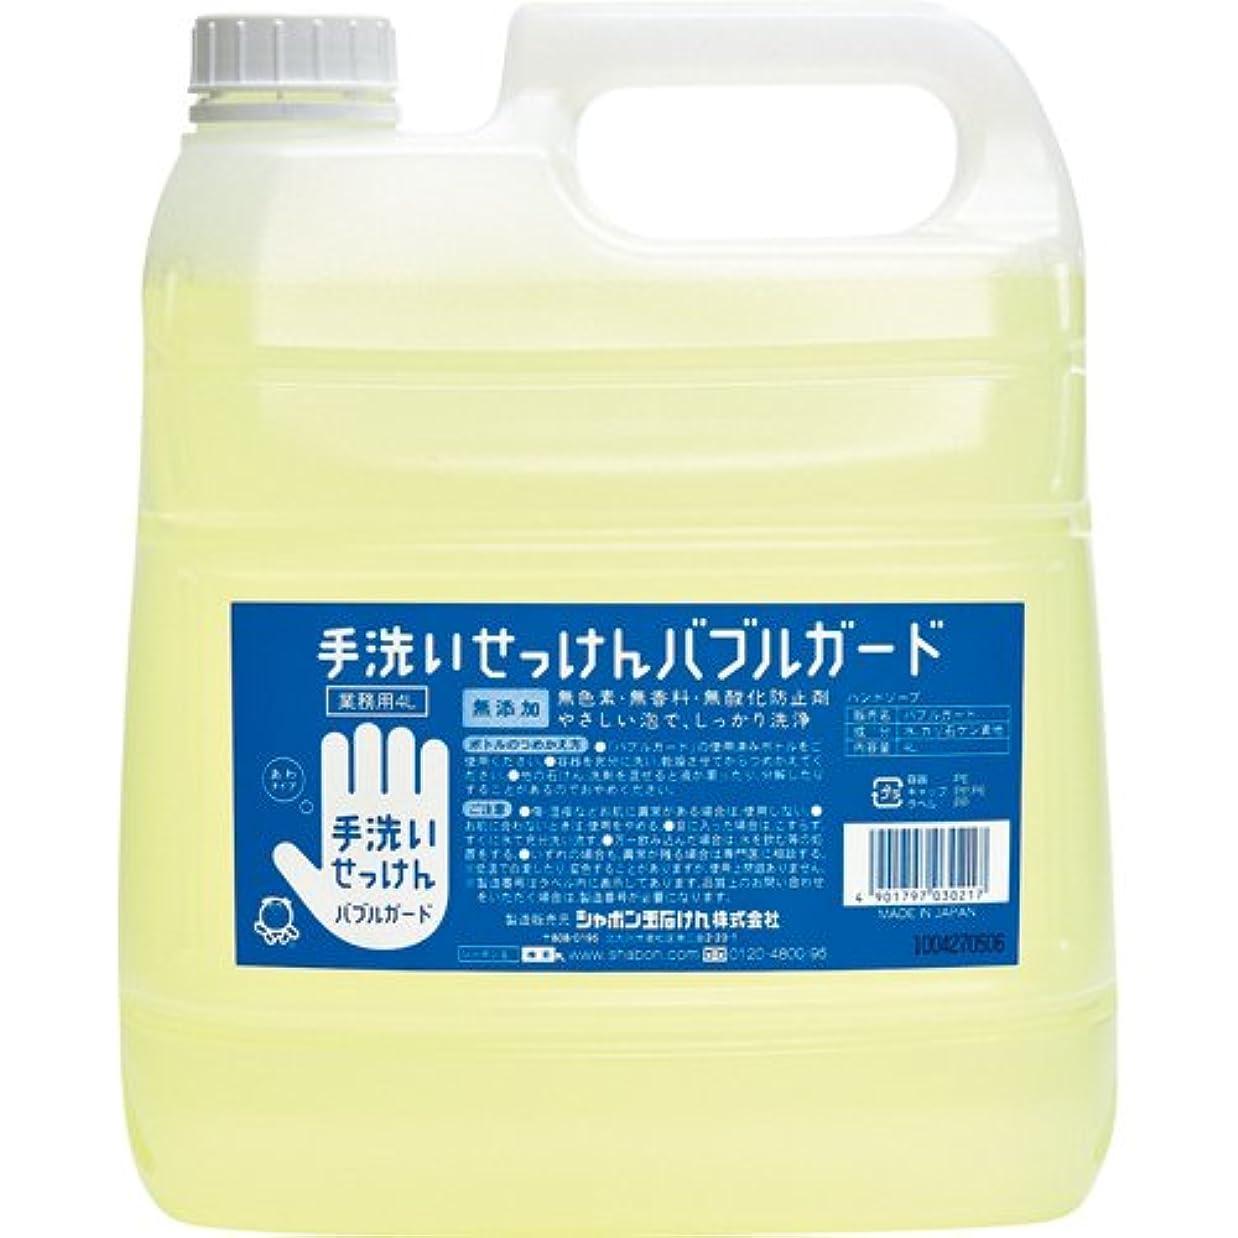 未払い脚ブラインド[シャボン玉石けん 1692542] (ケア商品)手洗いせっけん バブルガード 泡タイプ 業務用 4L